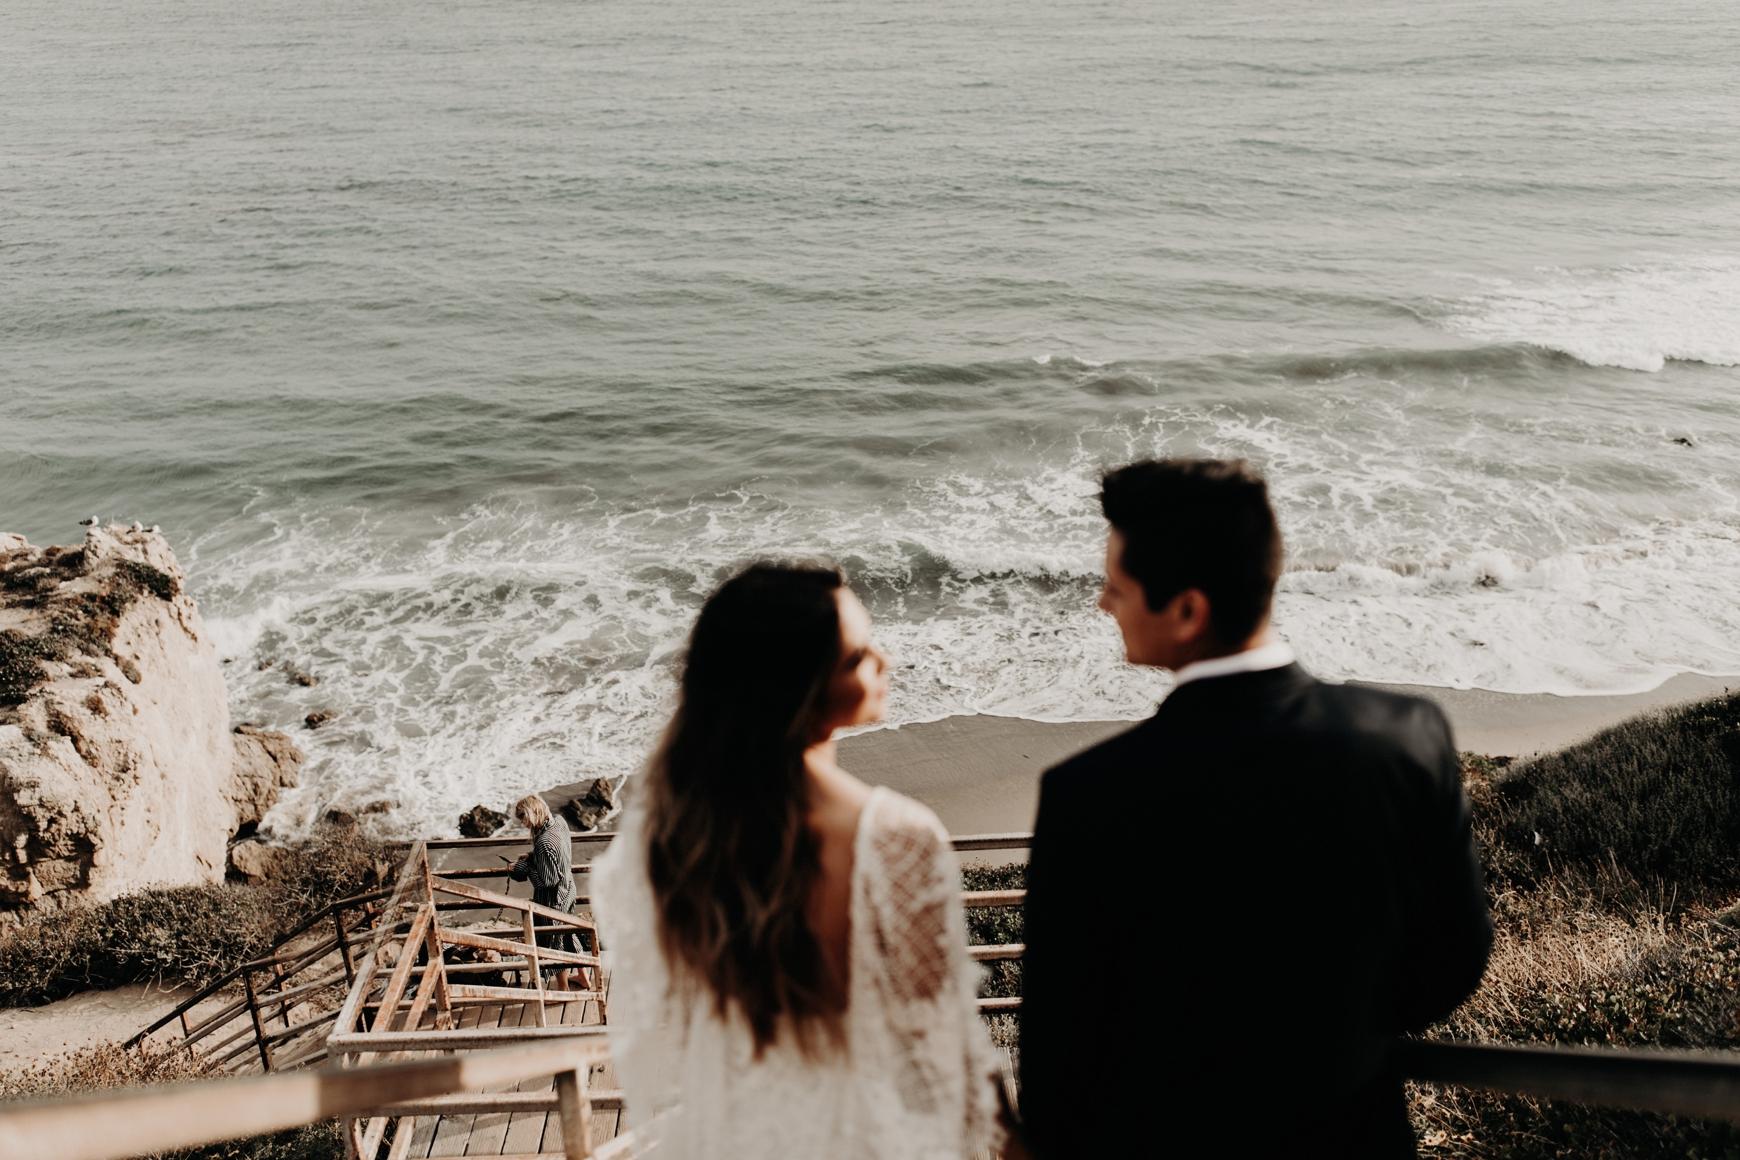 El Matador Beach Bridal Portraits Justellen & TJ Emily Magers Photography-153Emily Magers Photography.jpg